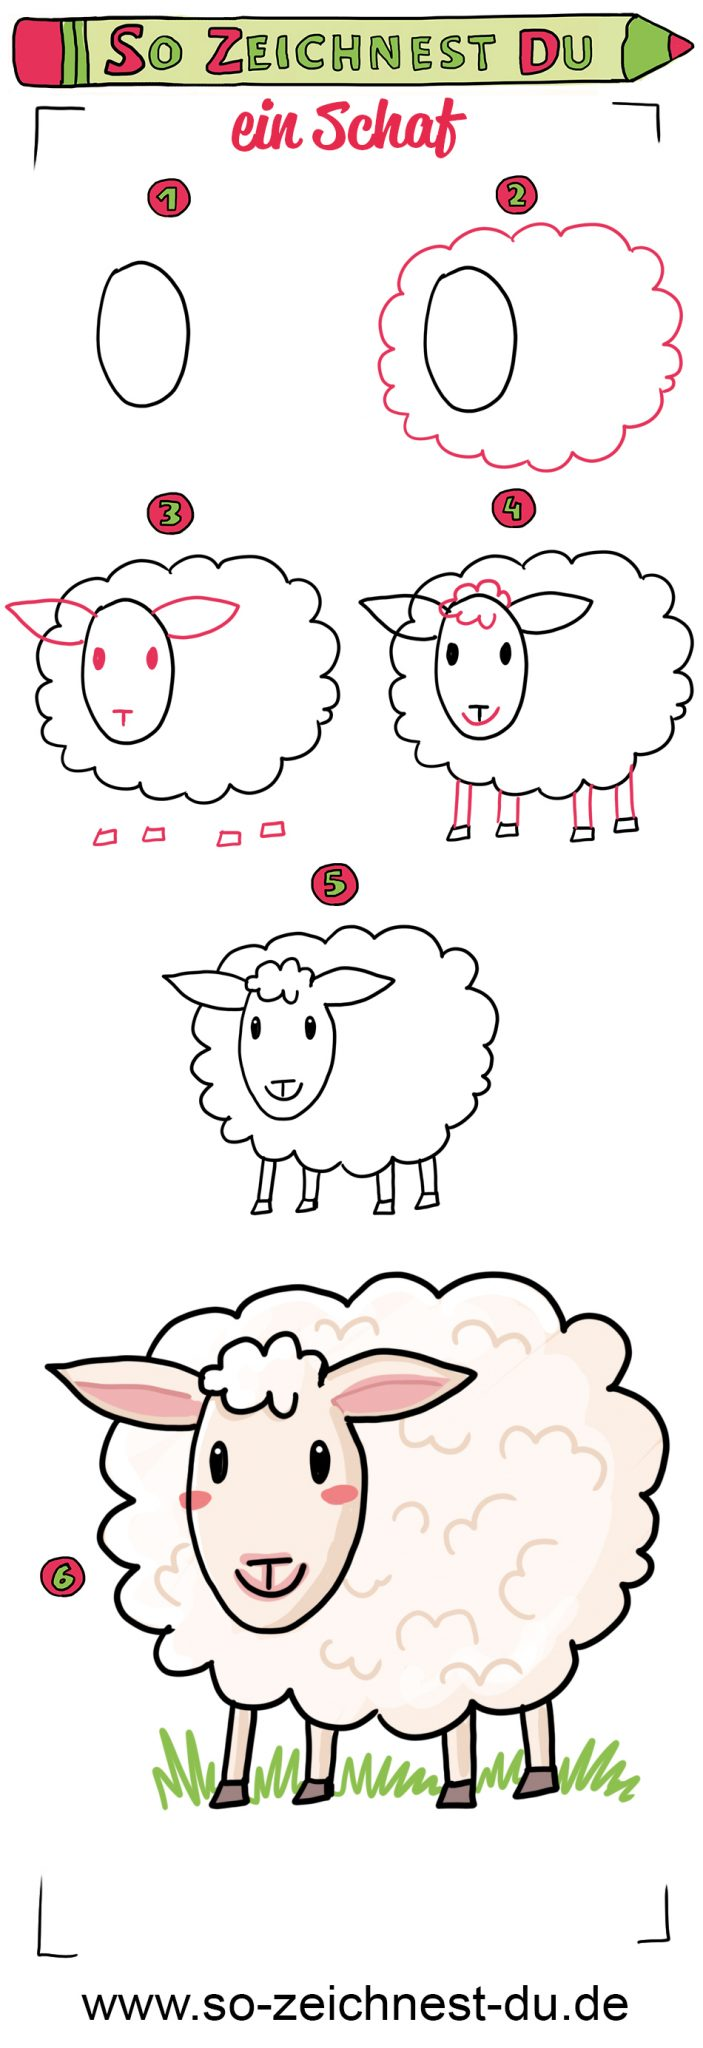 So zeichnest du ein Schaf (einfach) - So zeichnest du